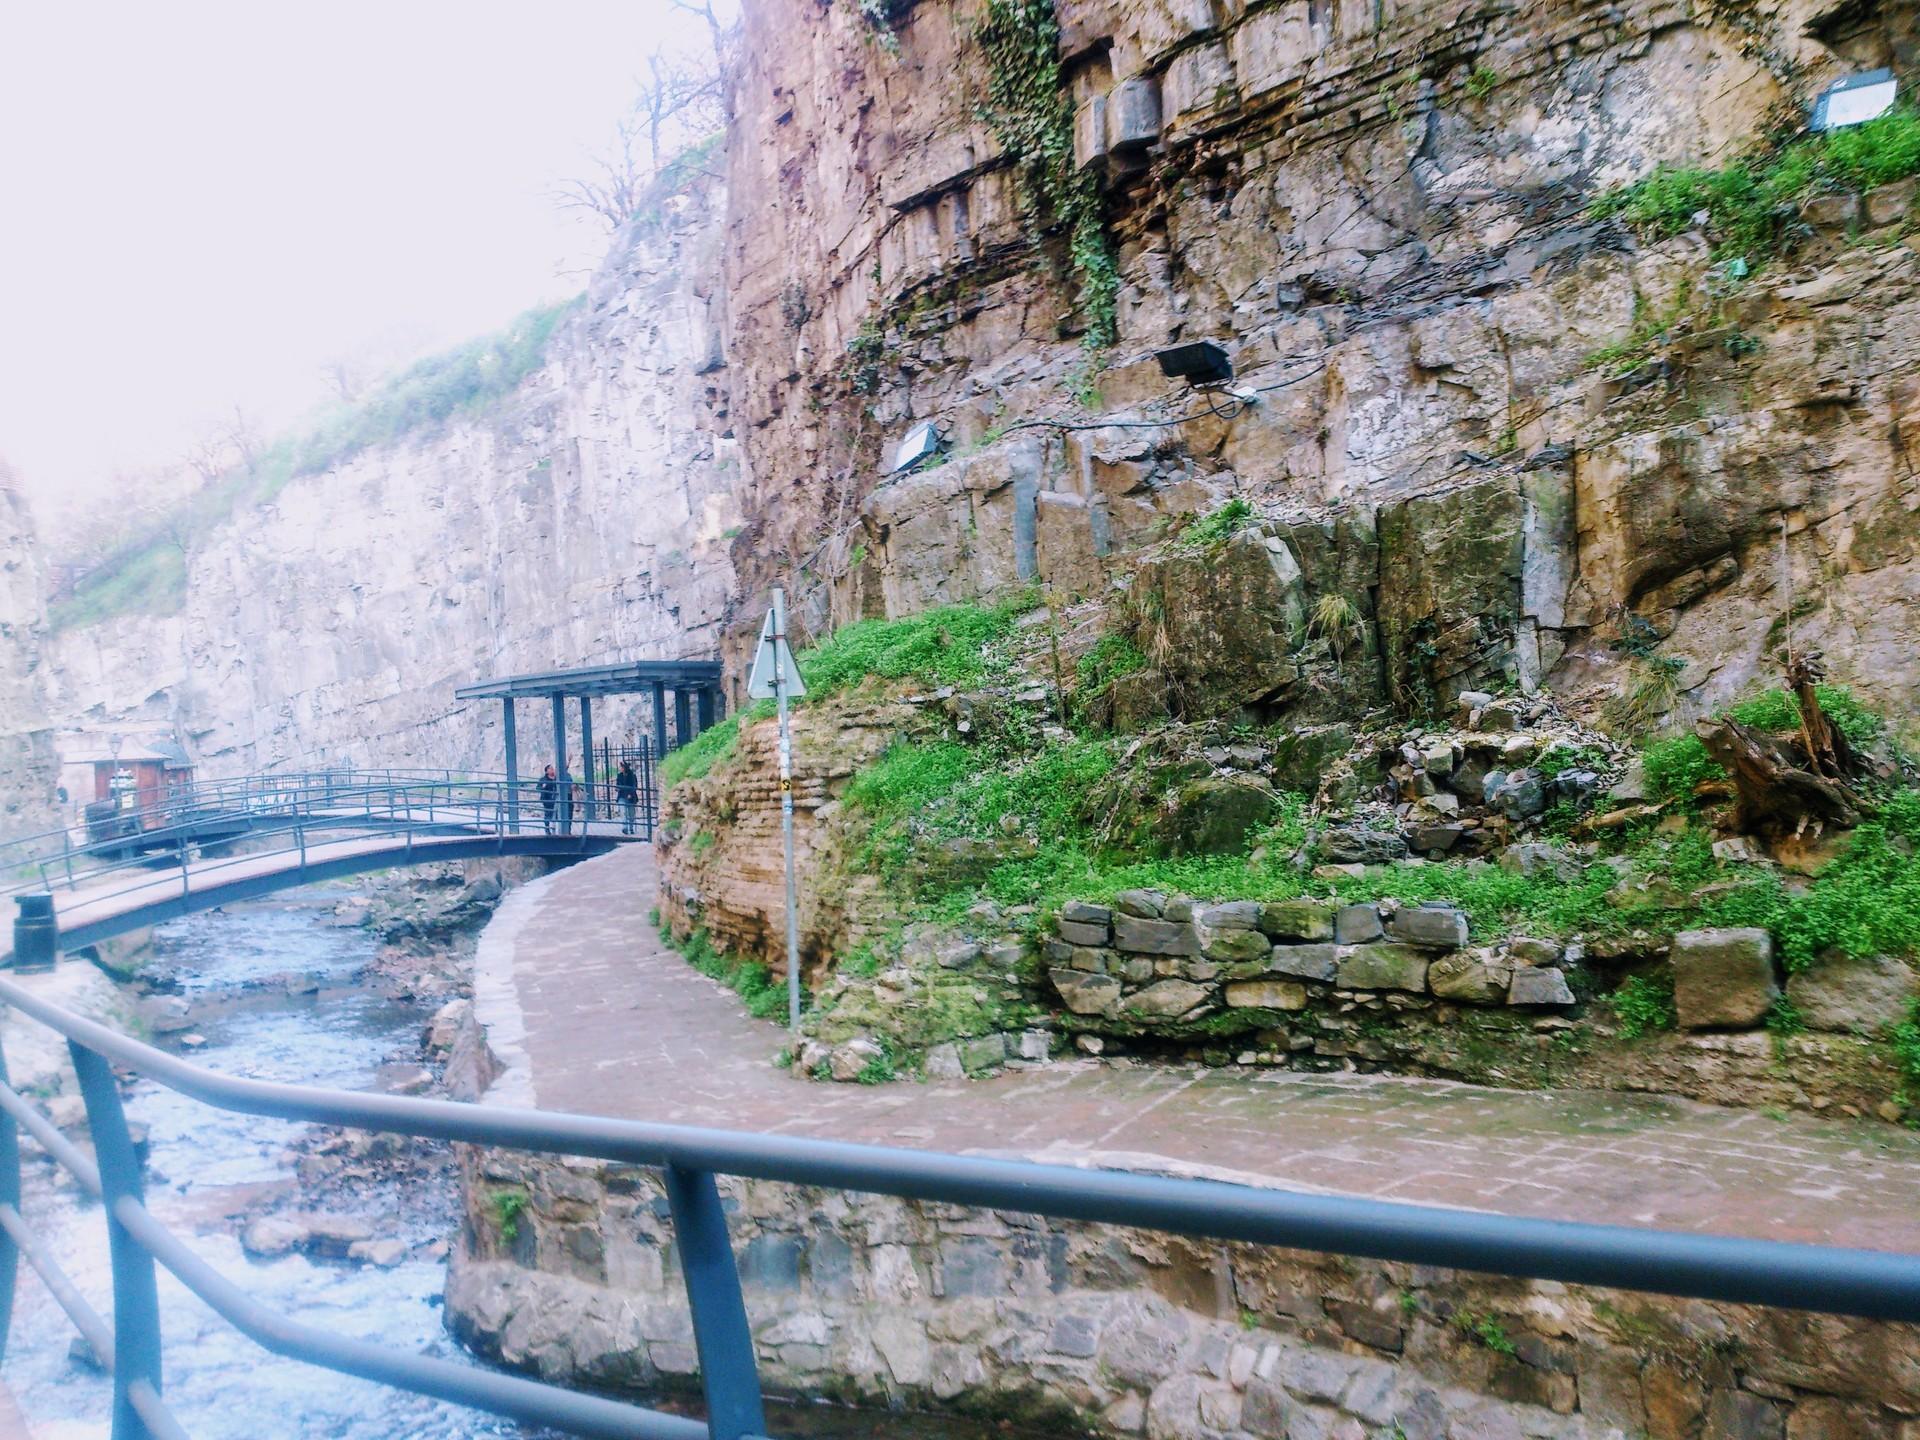 leghvtakhevi-waterfall-d7b511ffee8759f2b